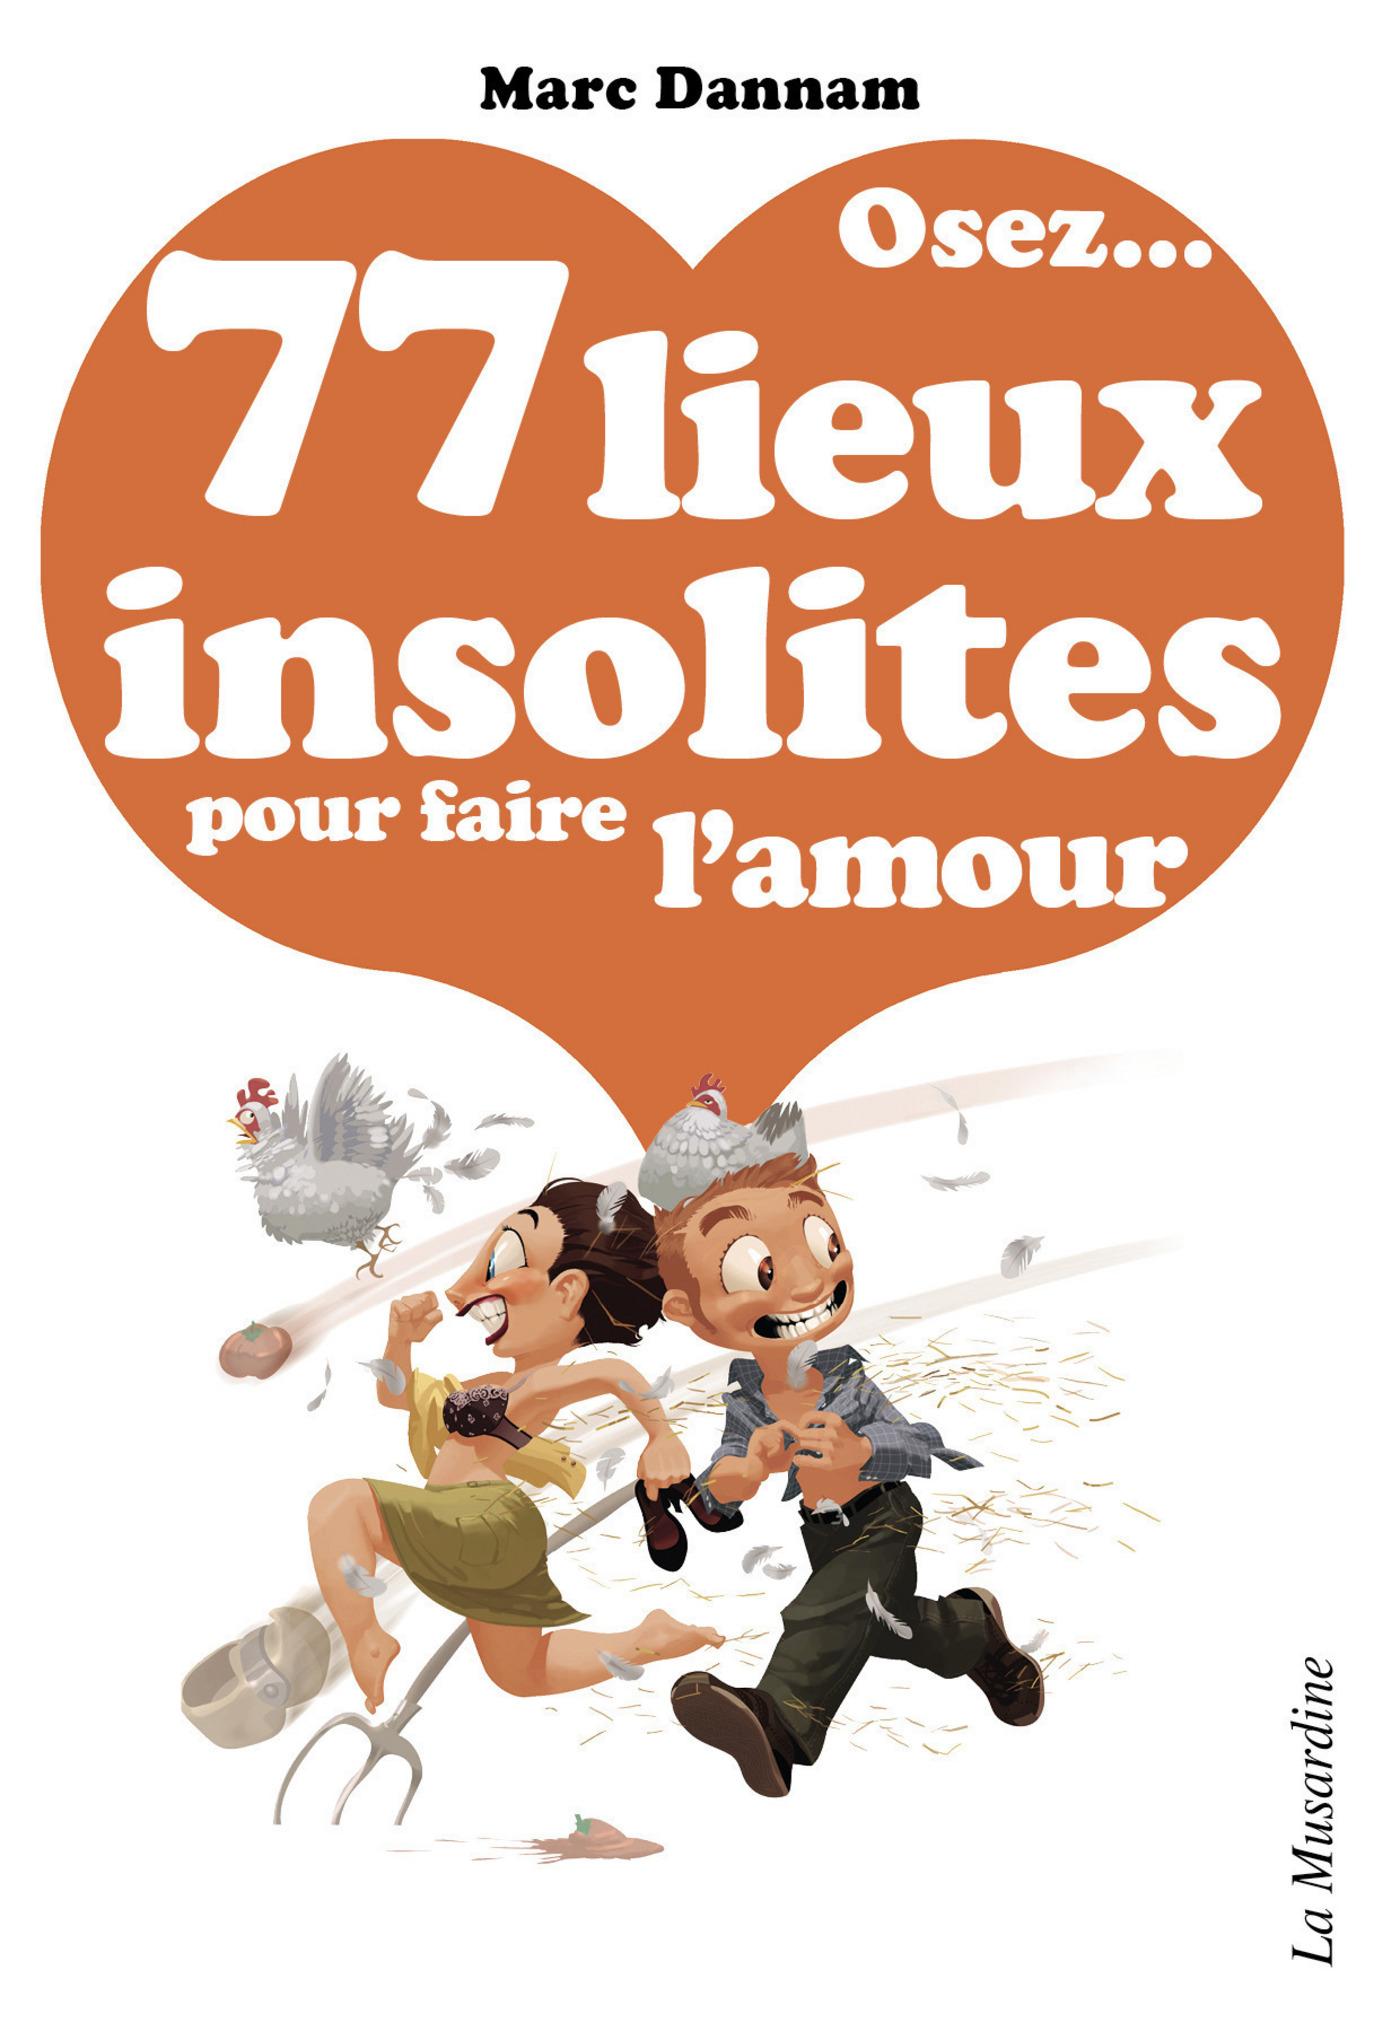 Osez 77 lieux insolites pour faire l'amour (ebook)